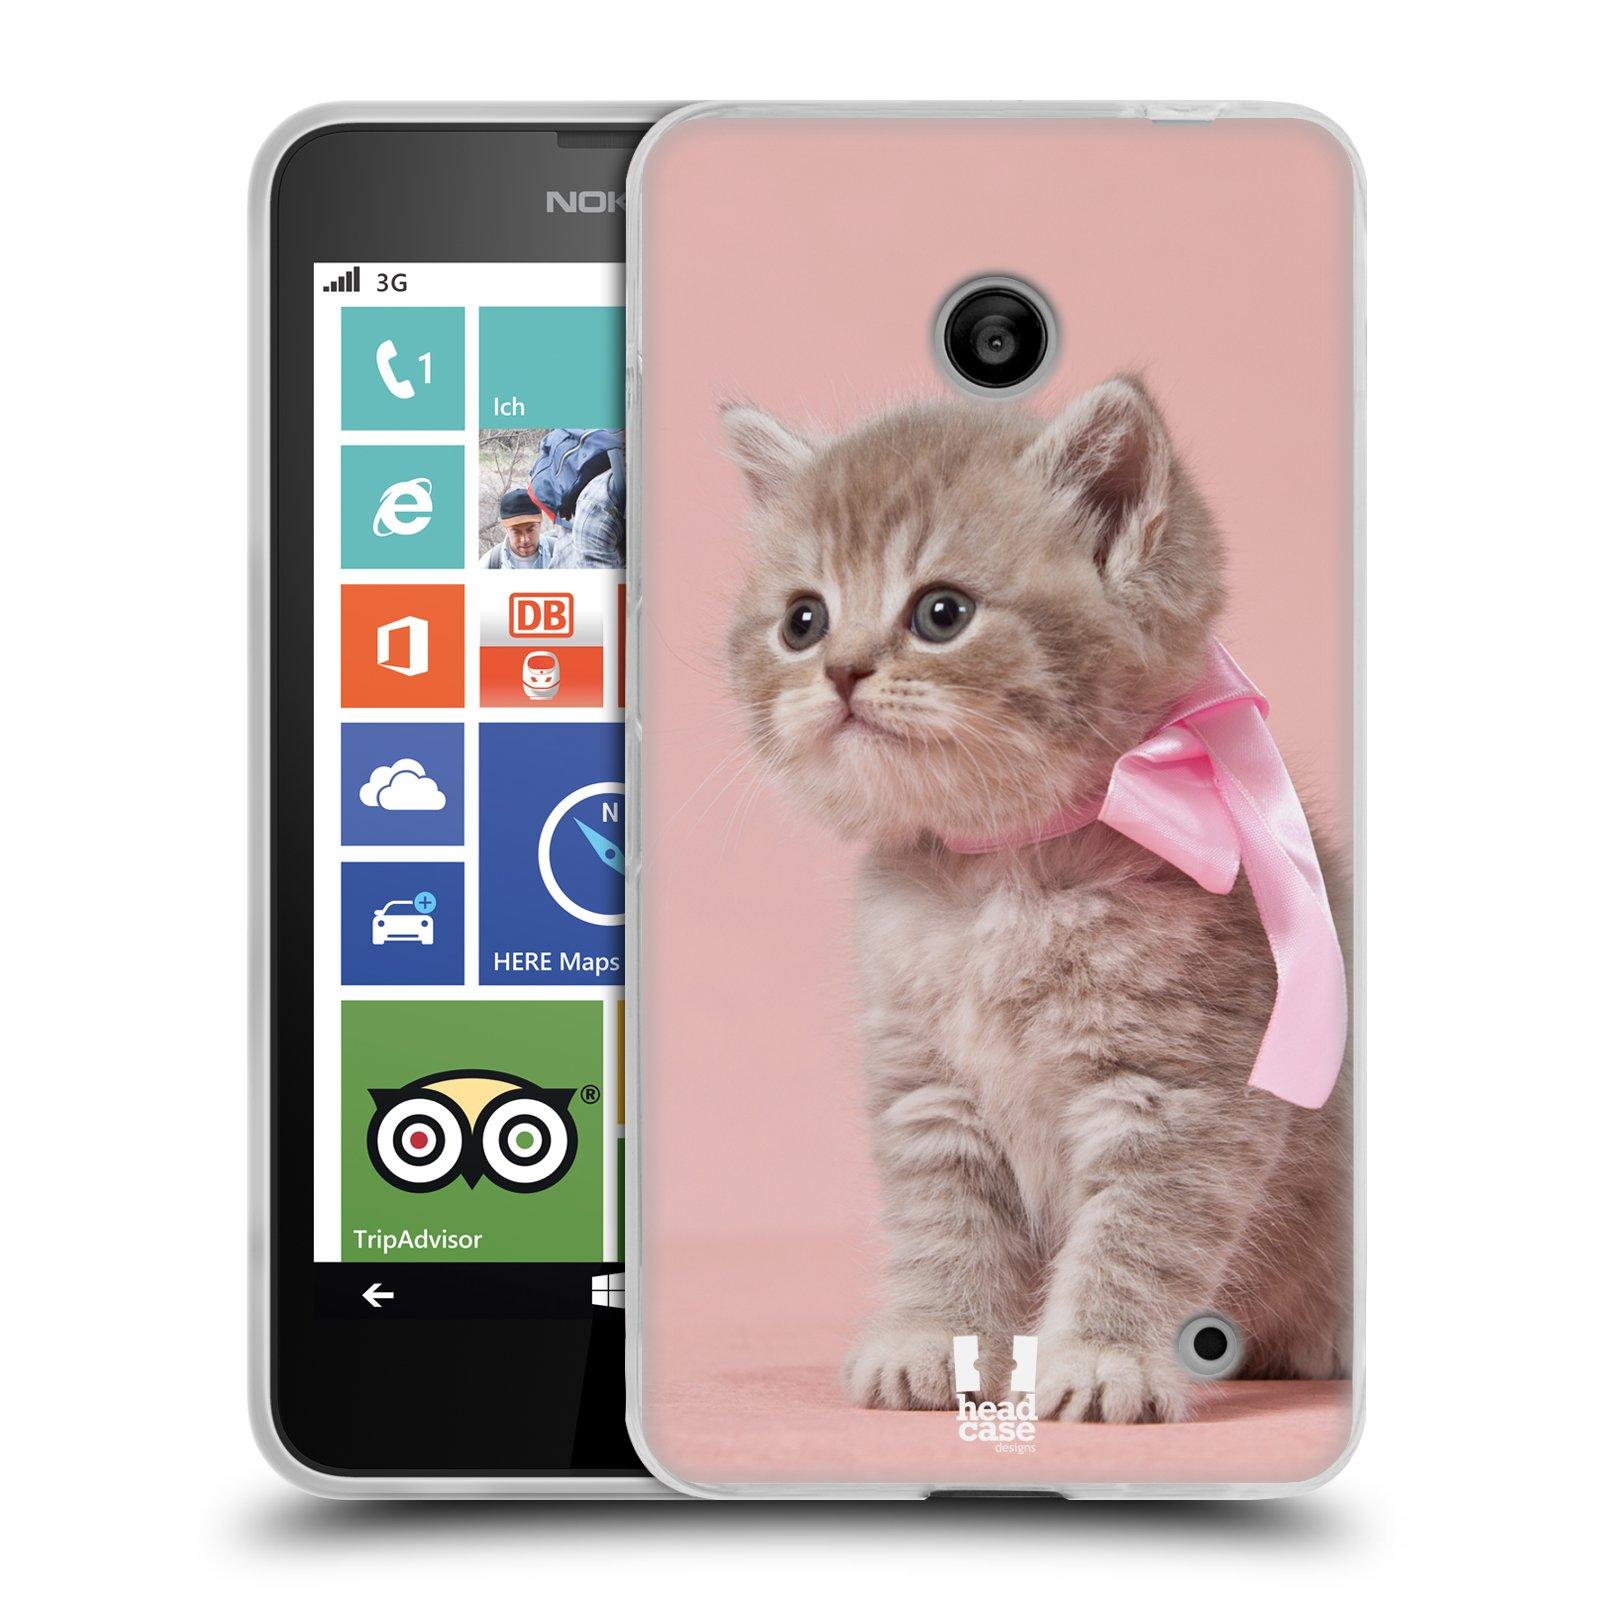 Silikonové pouzdro na mobil Nokia Lumia 630 HEAD CASE KOTĚ S MAŠLÍ (Silikonový kryt či obal na mobilní telefon Nokia Lumia 630 a Nokia Lumia 630 Dual SIM)